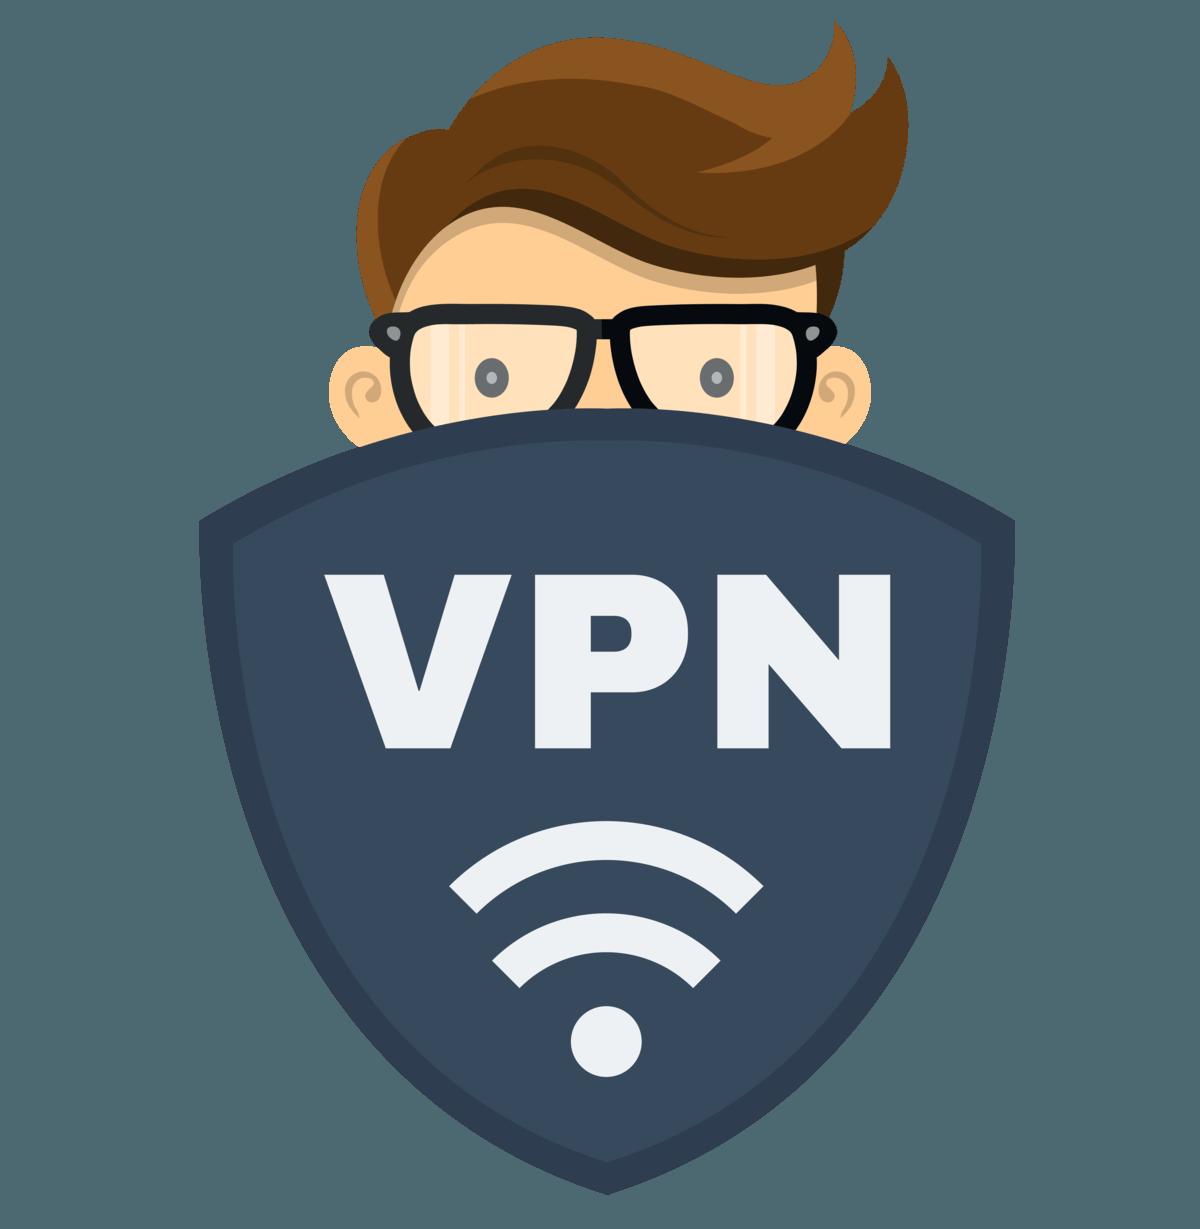 Install VPN